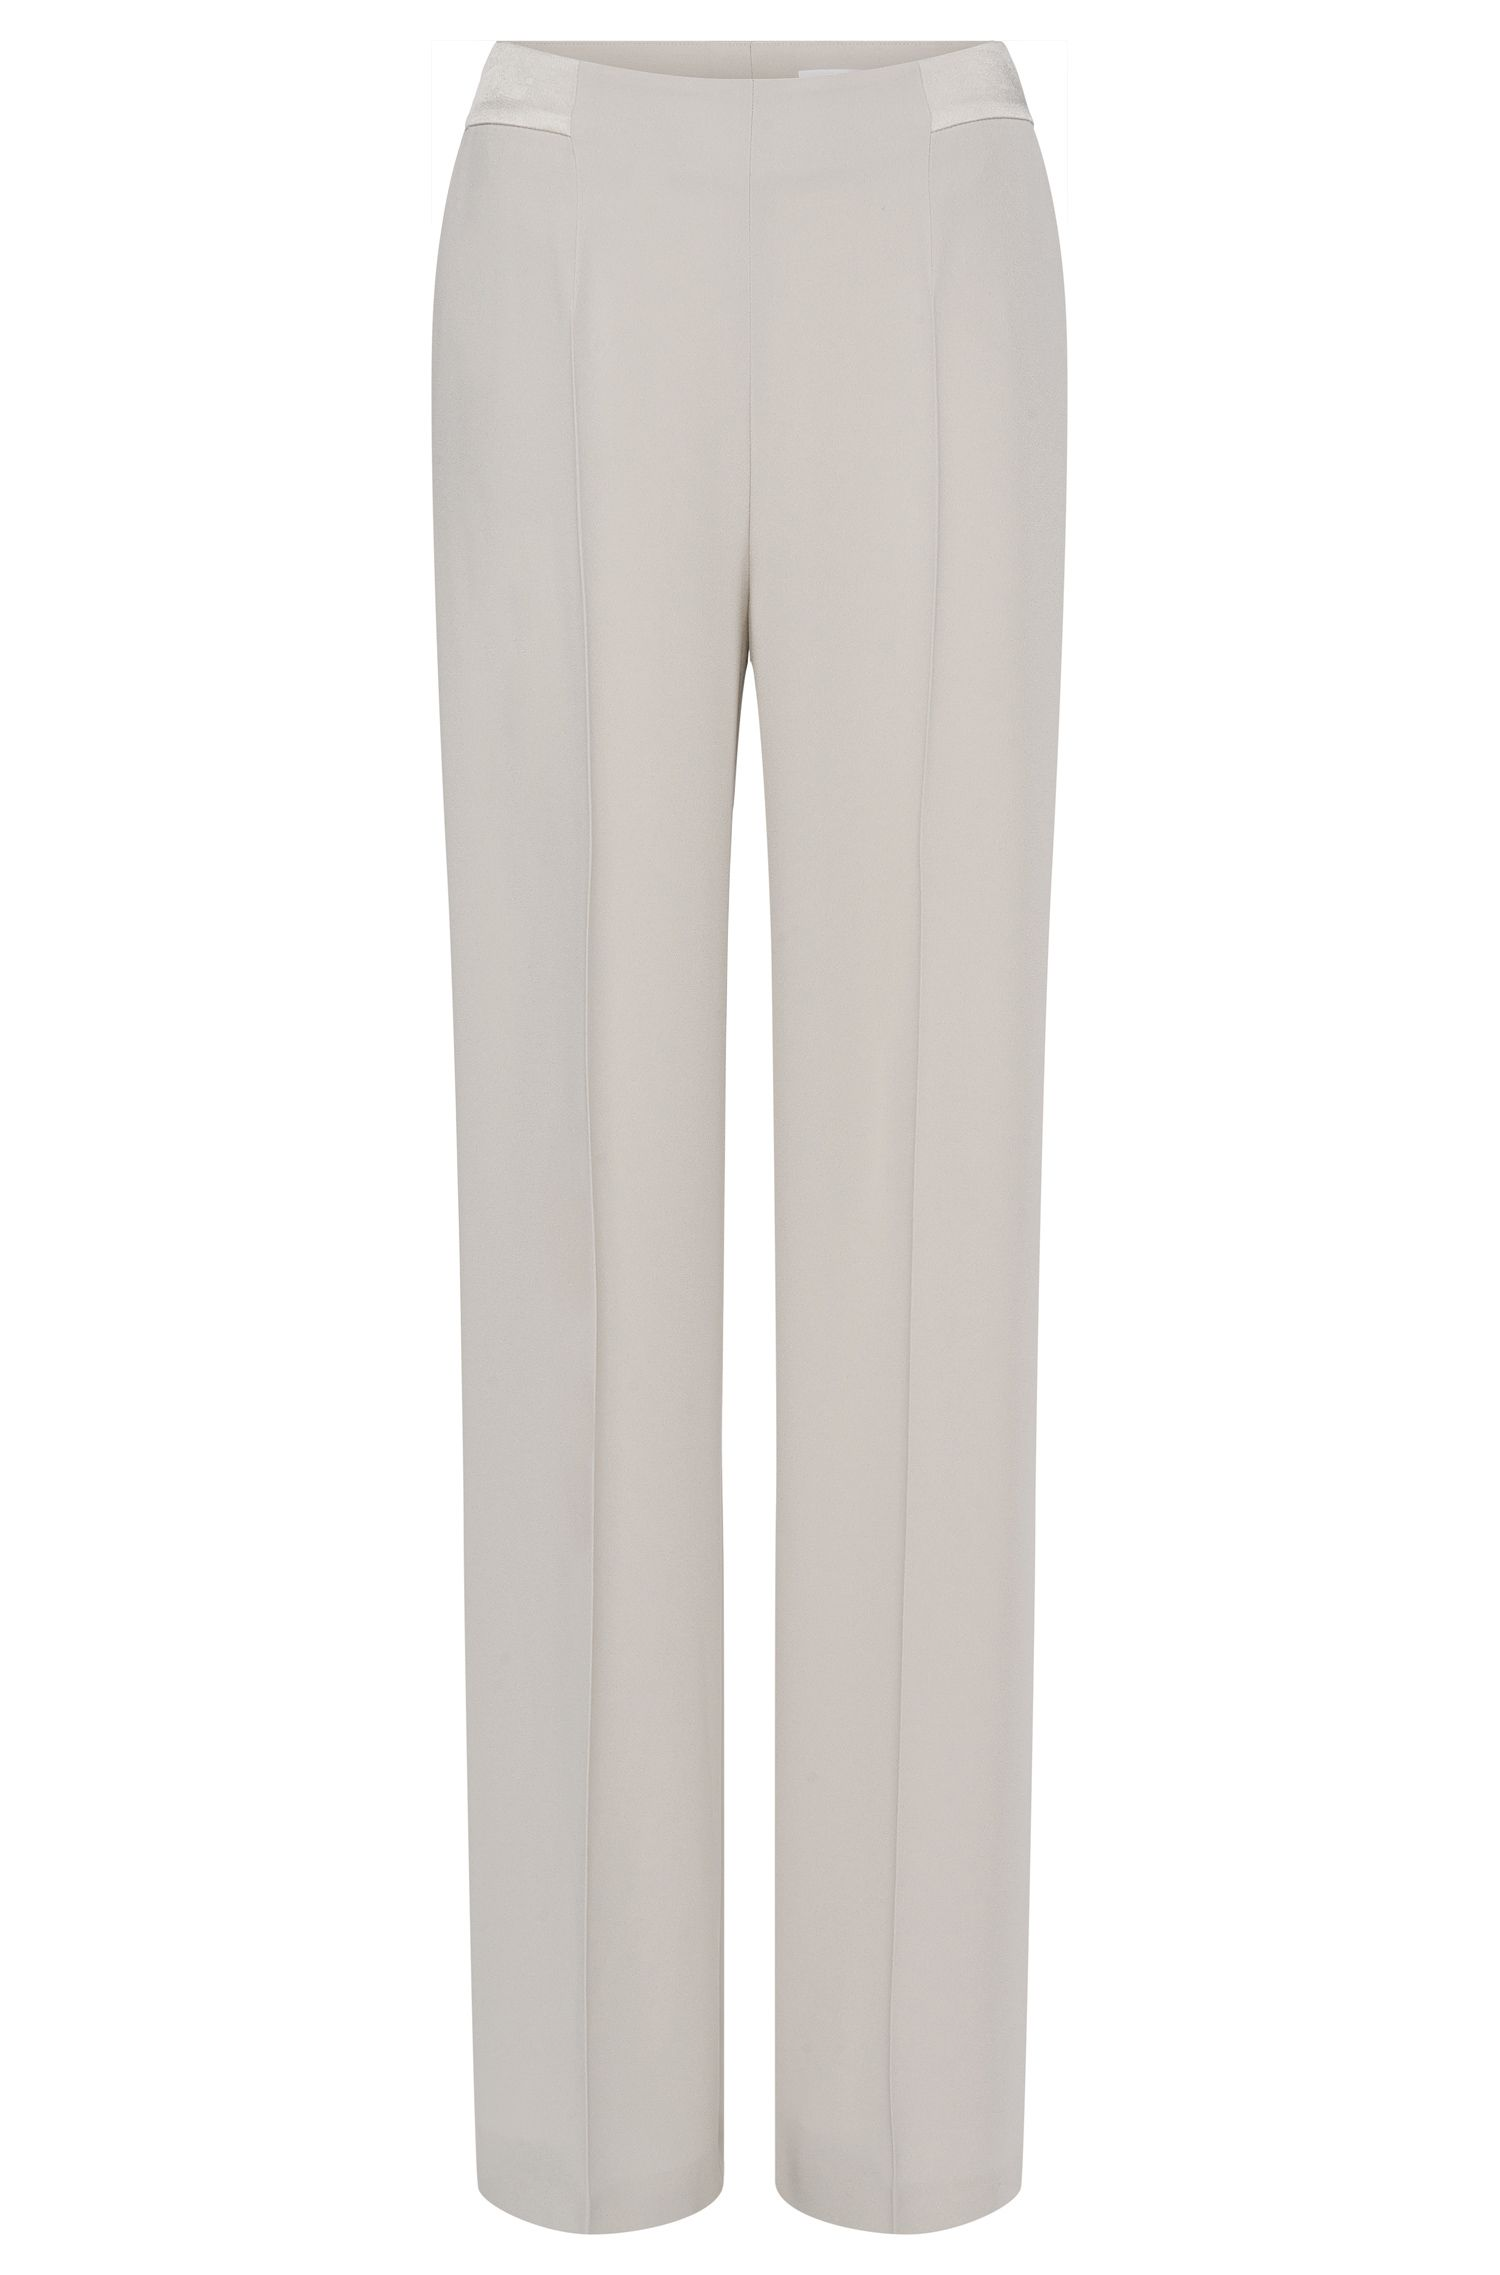 Pantalón comfort fit con pernera ancha: 'Temietina'